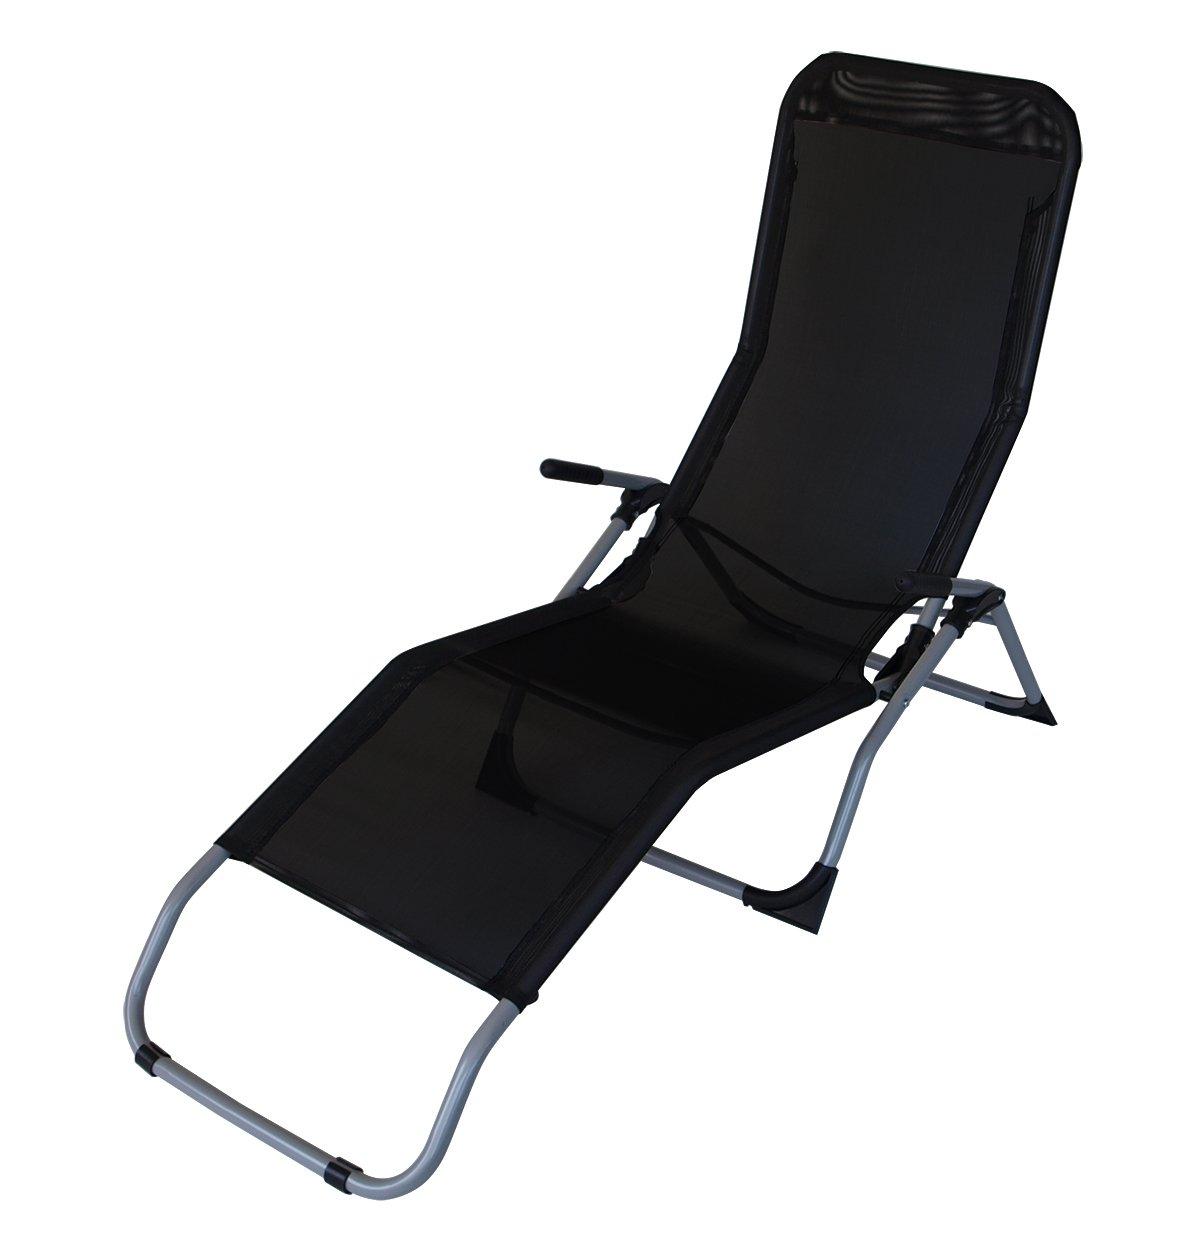 Gesundheitsliege SYLT, Stahl + Textilene schwarz, faltbar, für Innen + Außen